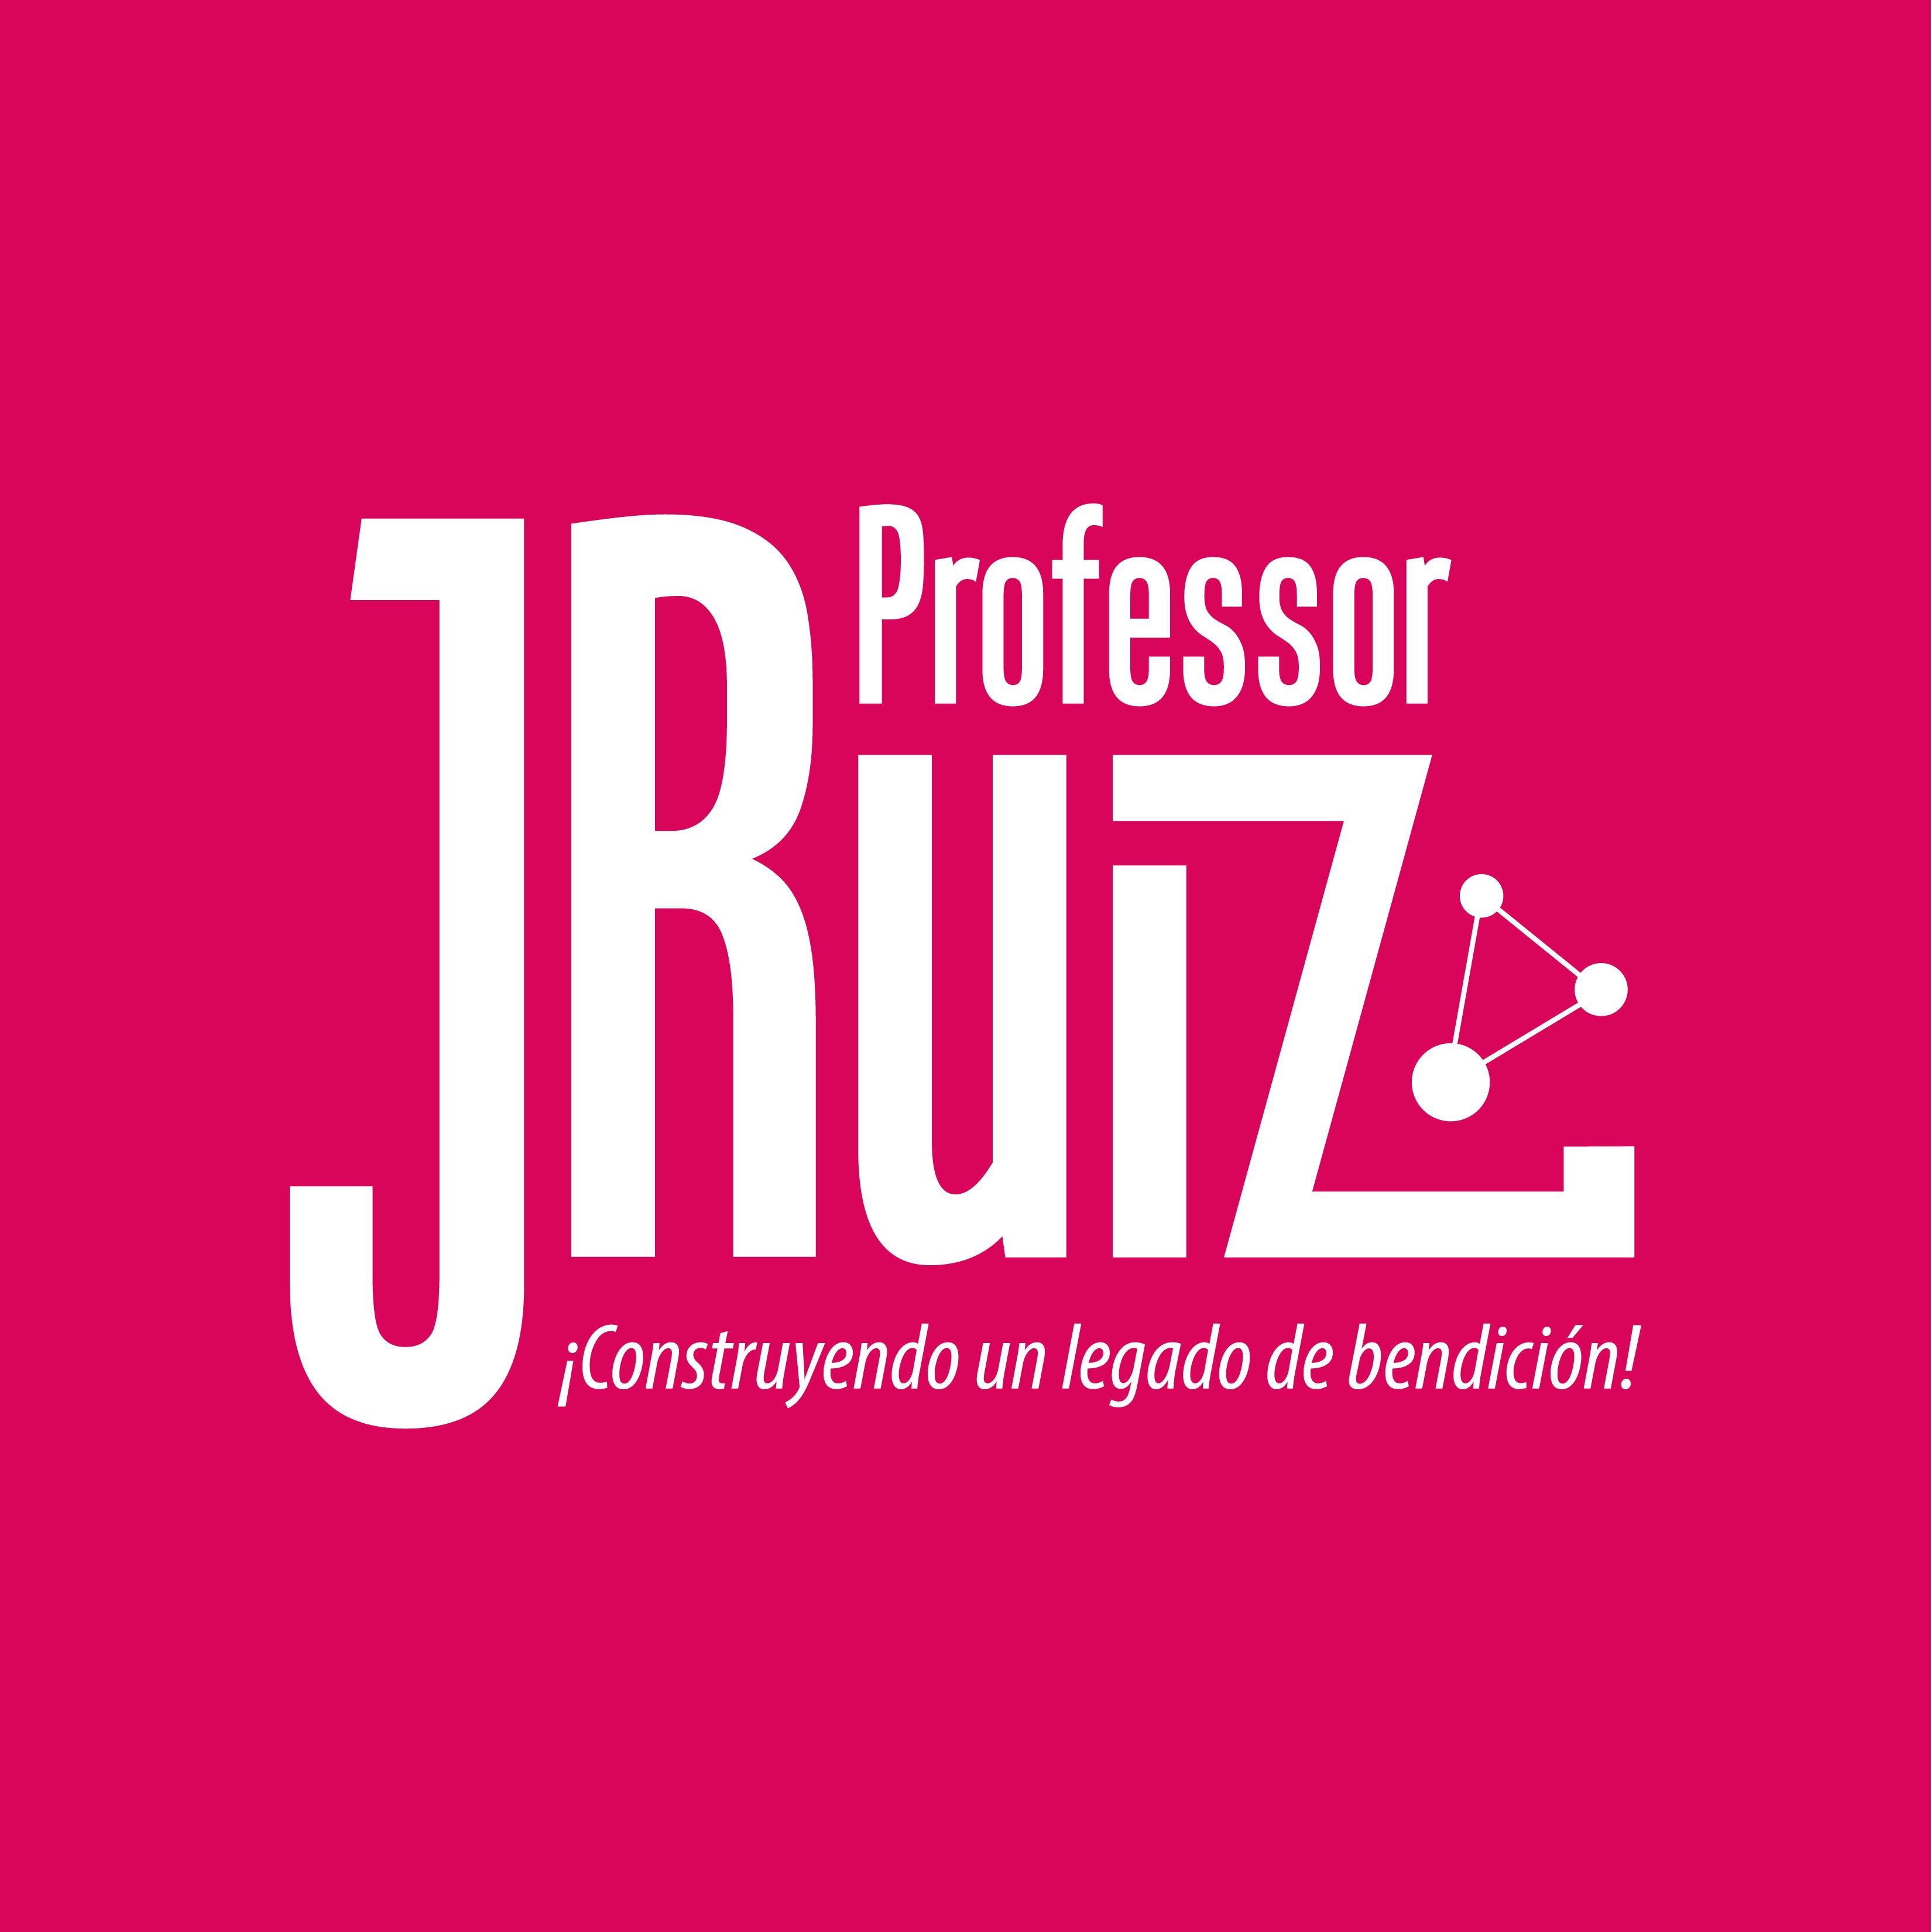 PROFESSOR JRUIZ